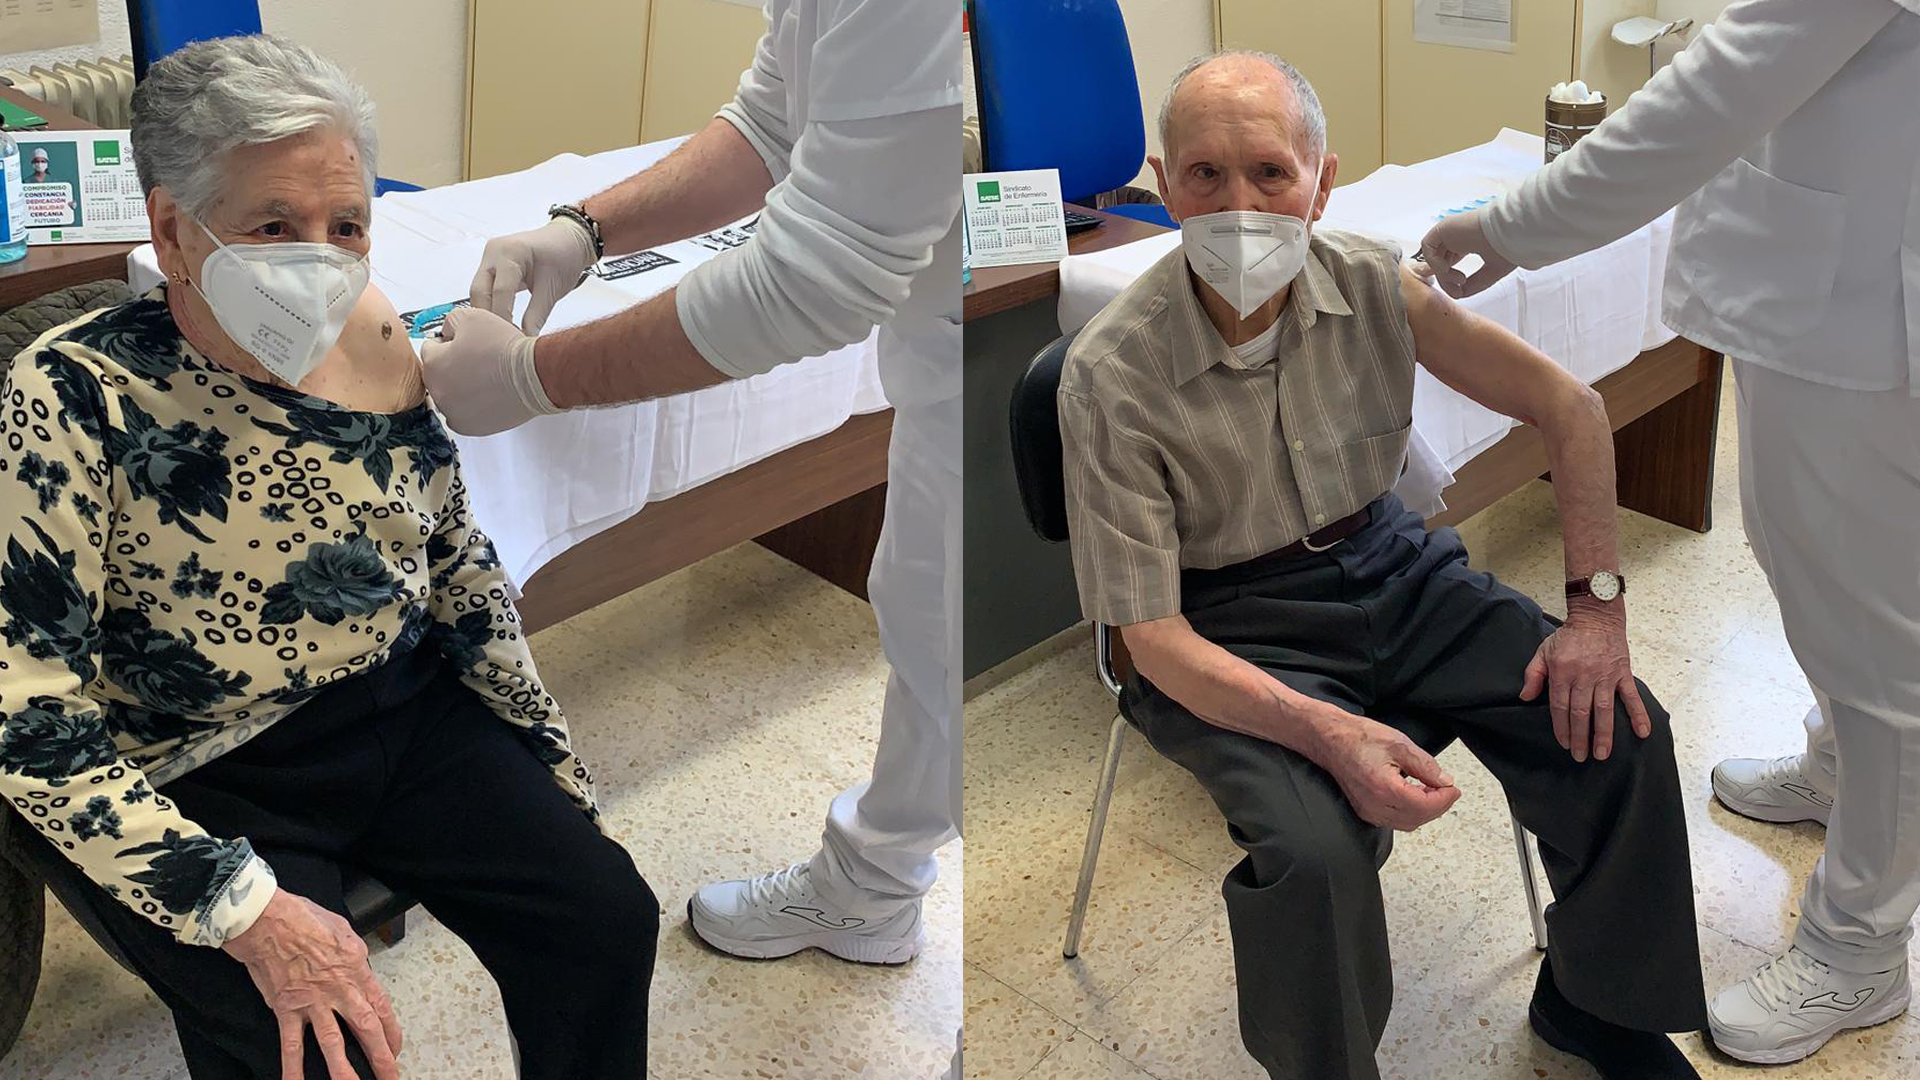 Raimundo i Ángeles, de 101 i 98 anys, dels primers a rebre la vacuna contra la Covid-19 en el Centre de Salut de Sant Mateu